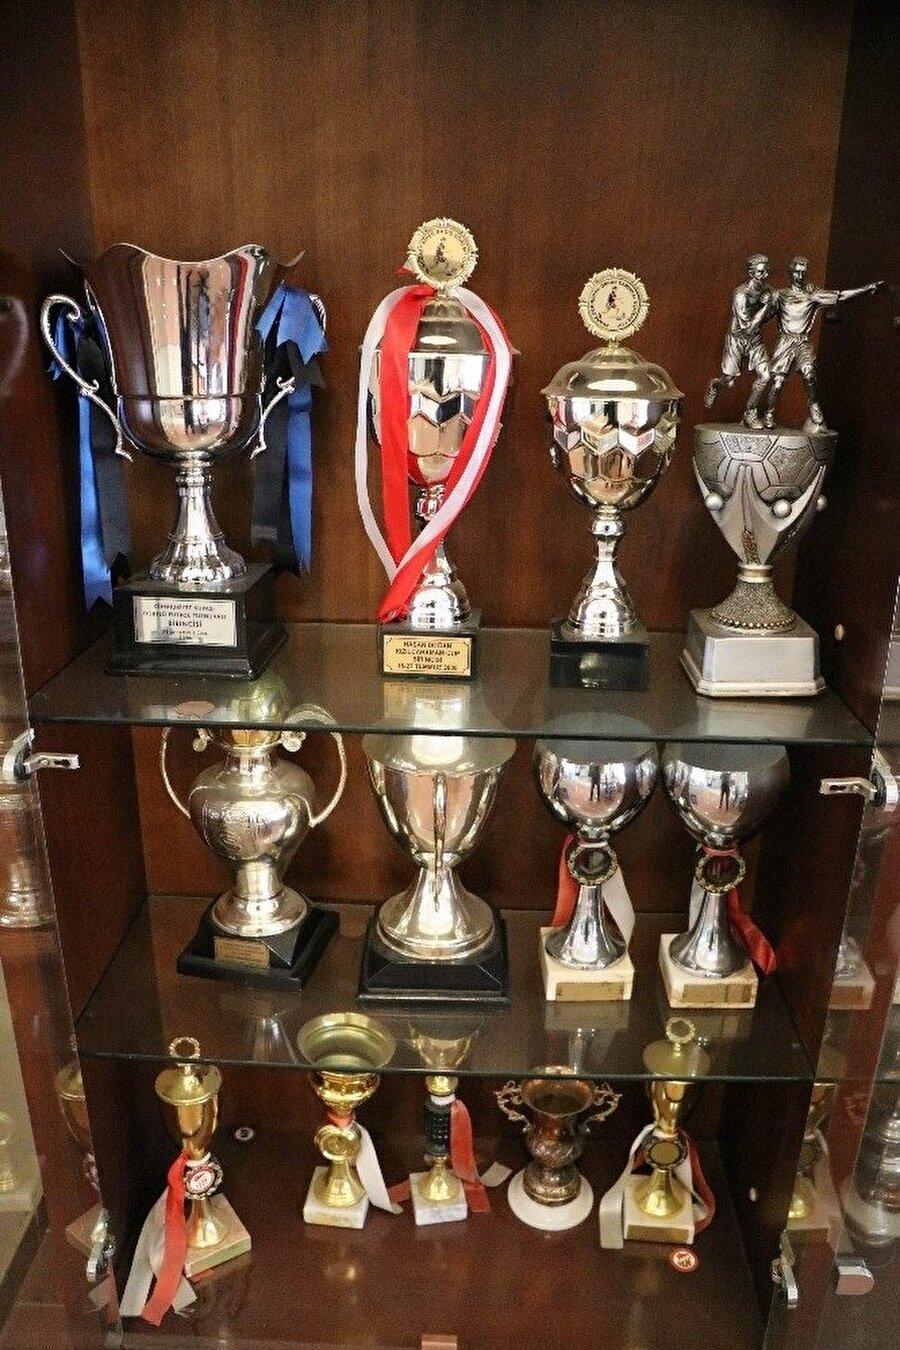 Bir dönem Süper Lig'de mücadele eden Kayseri ekibinin müzesinde bulunan kupalar.